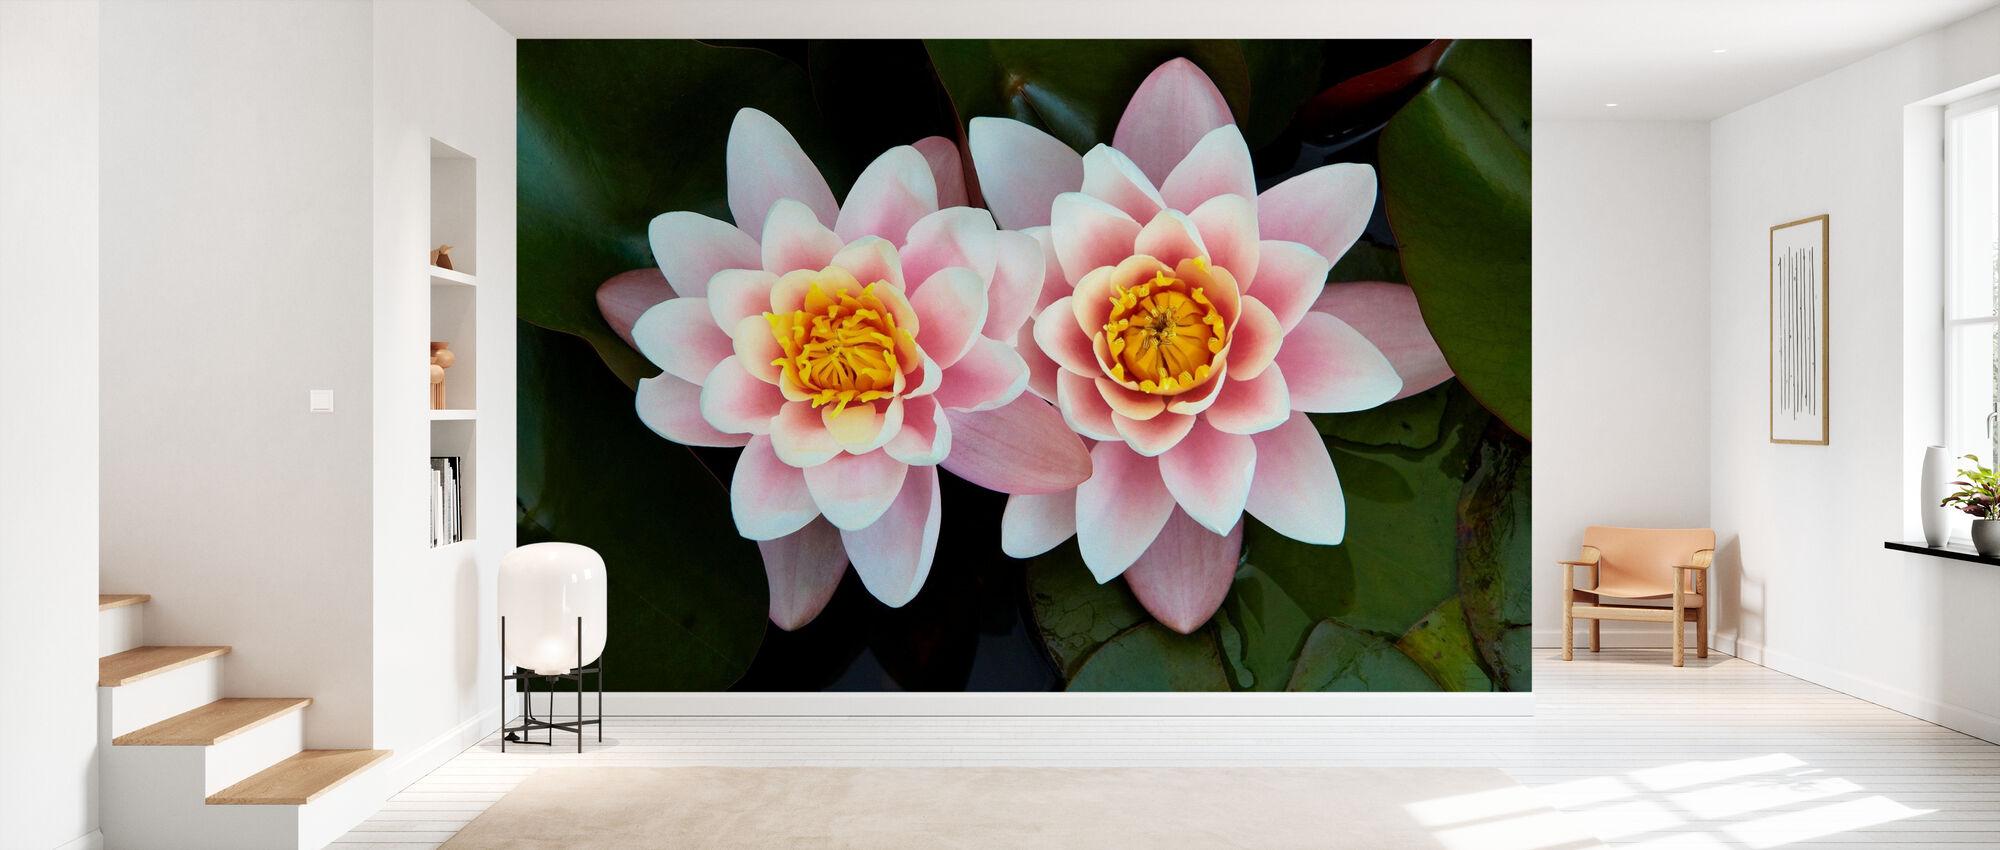 Pair of Water Lilies - Wallpaper - Hallway